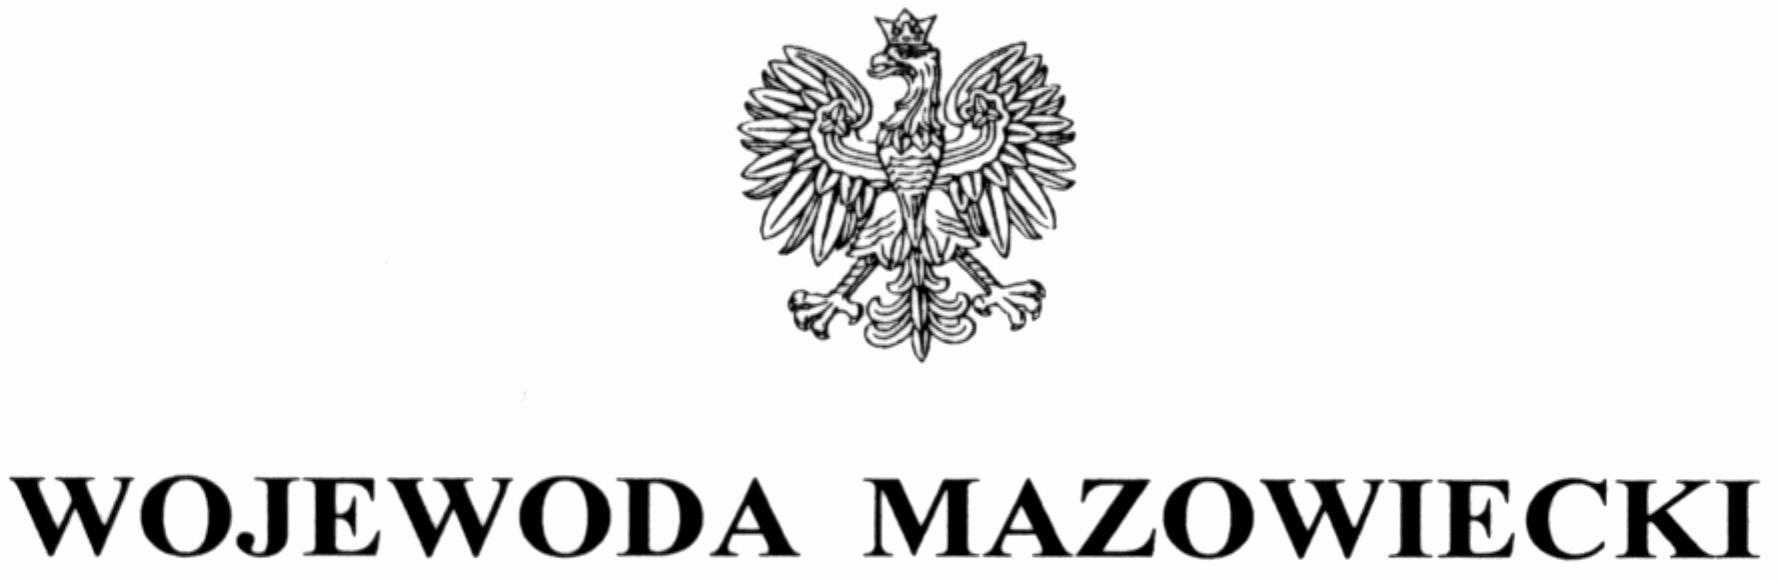 https://www.mazowieckie.pl/en